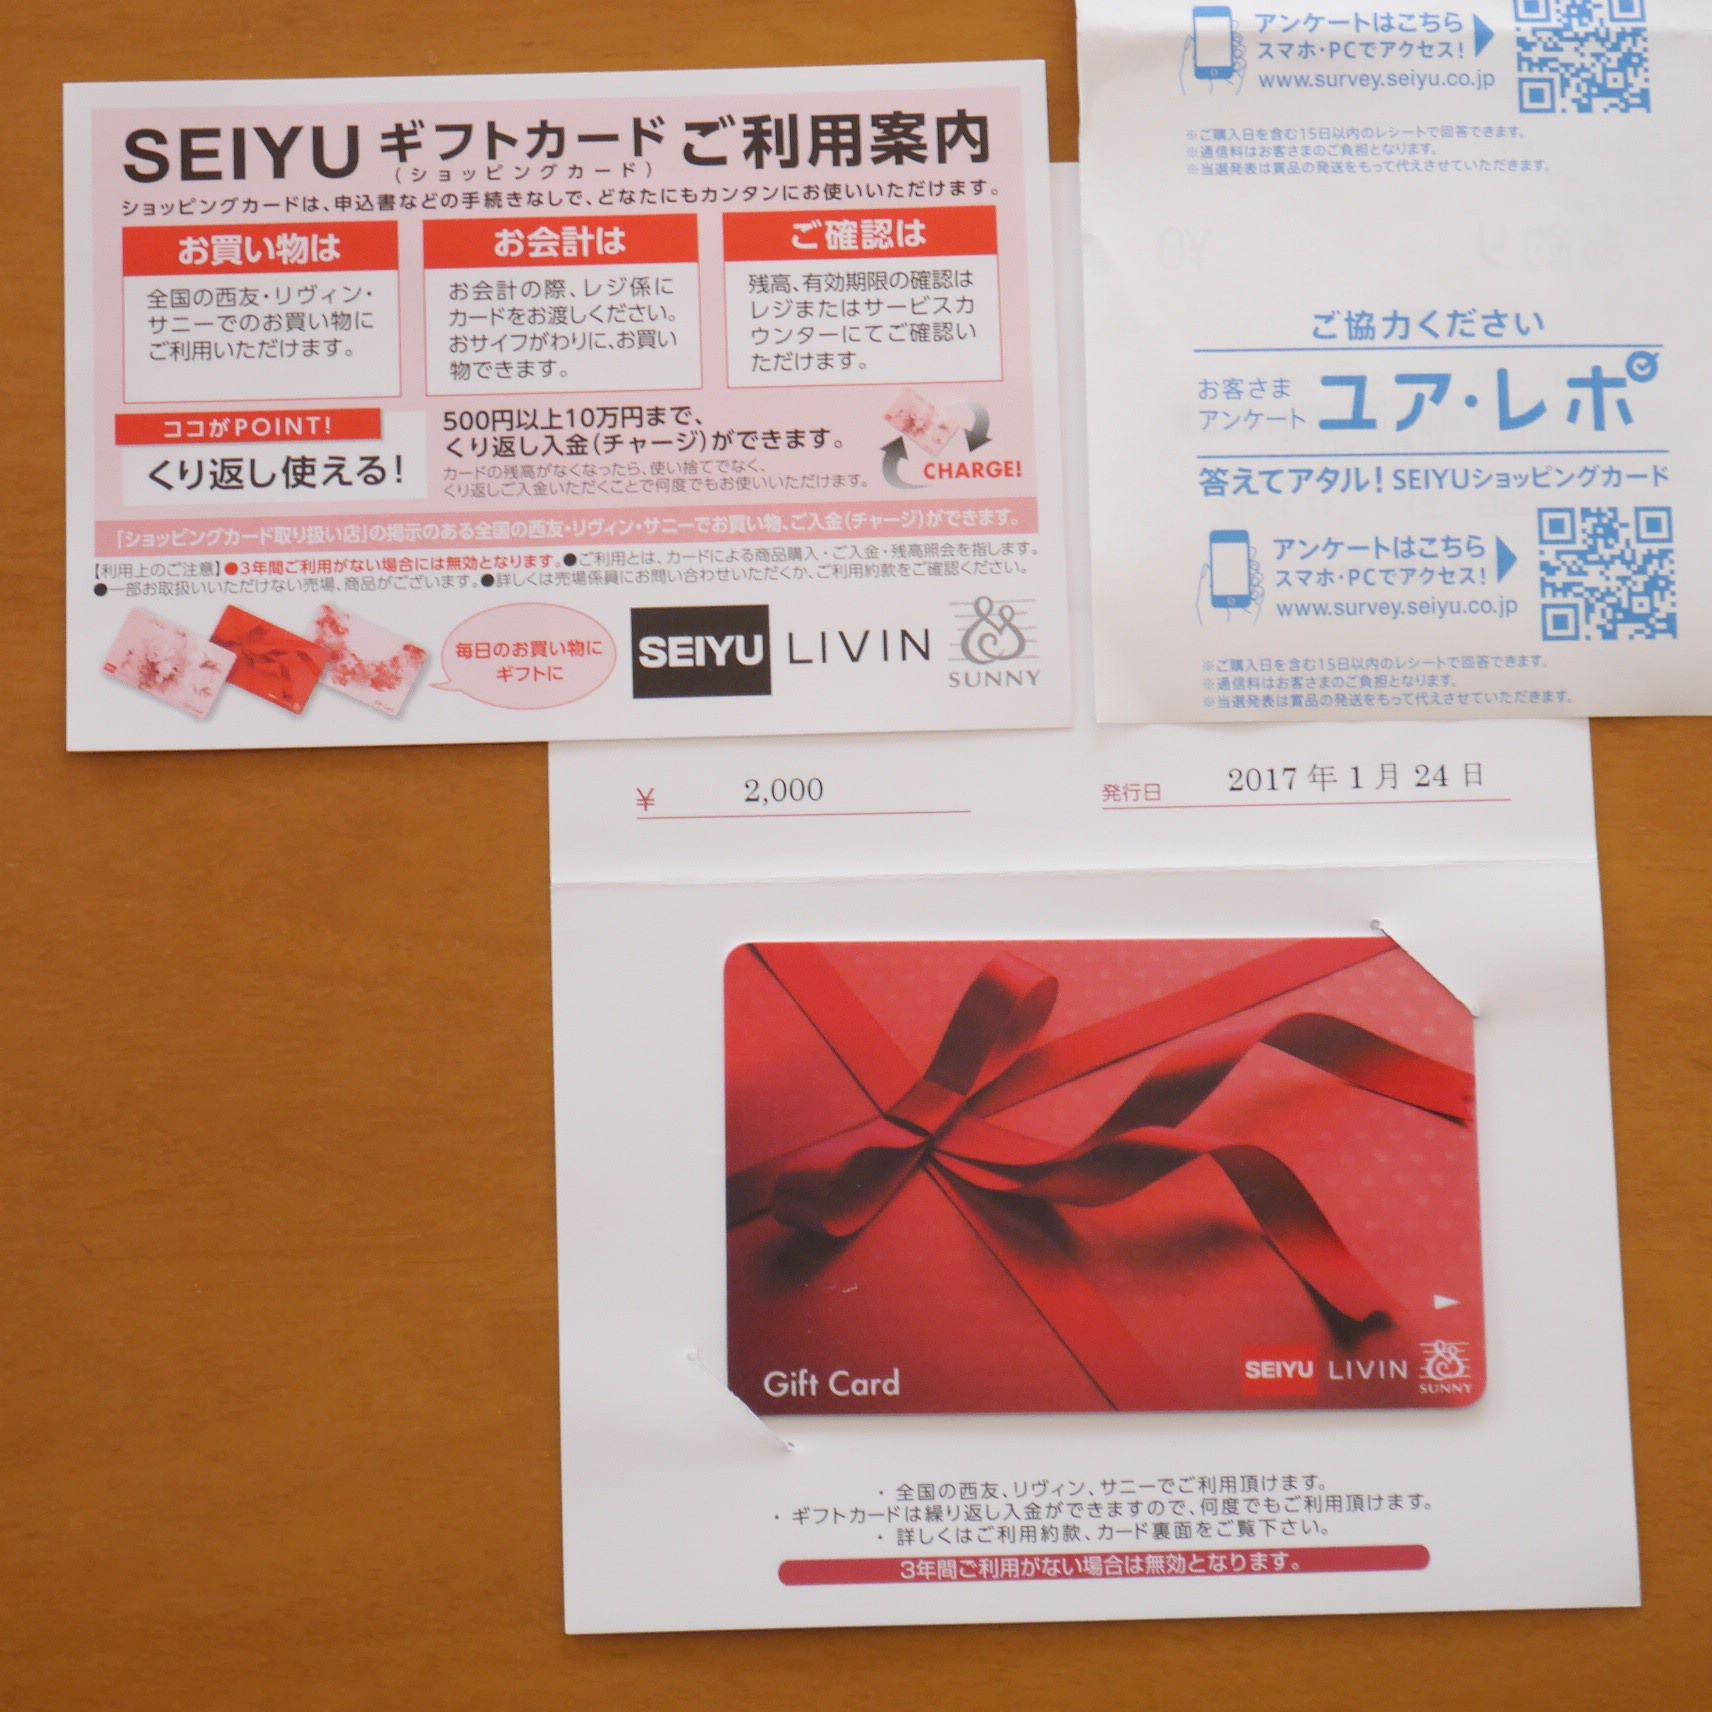 ユア・レポ_SEIYUギフトカード